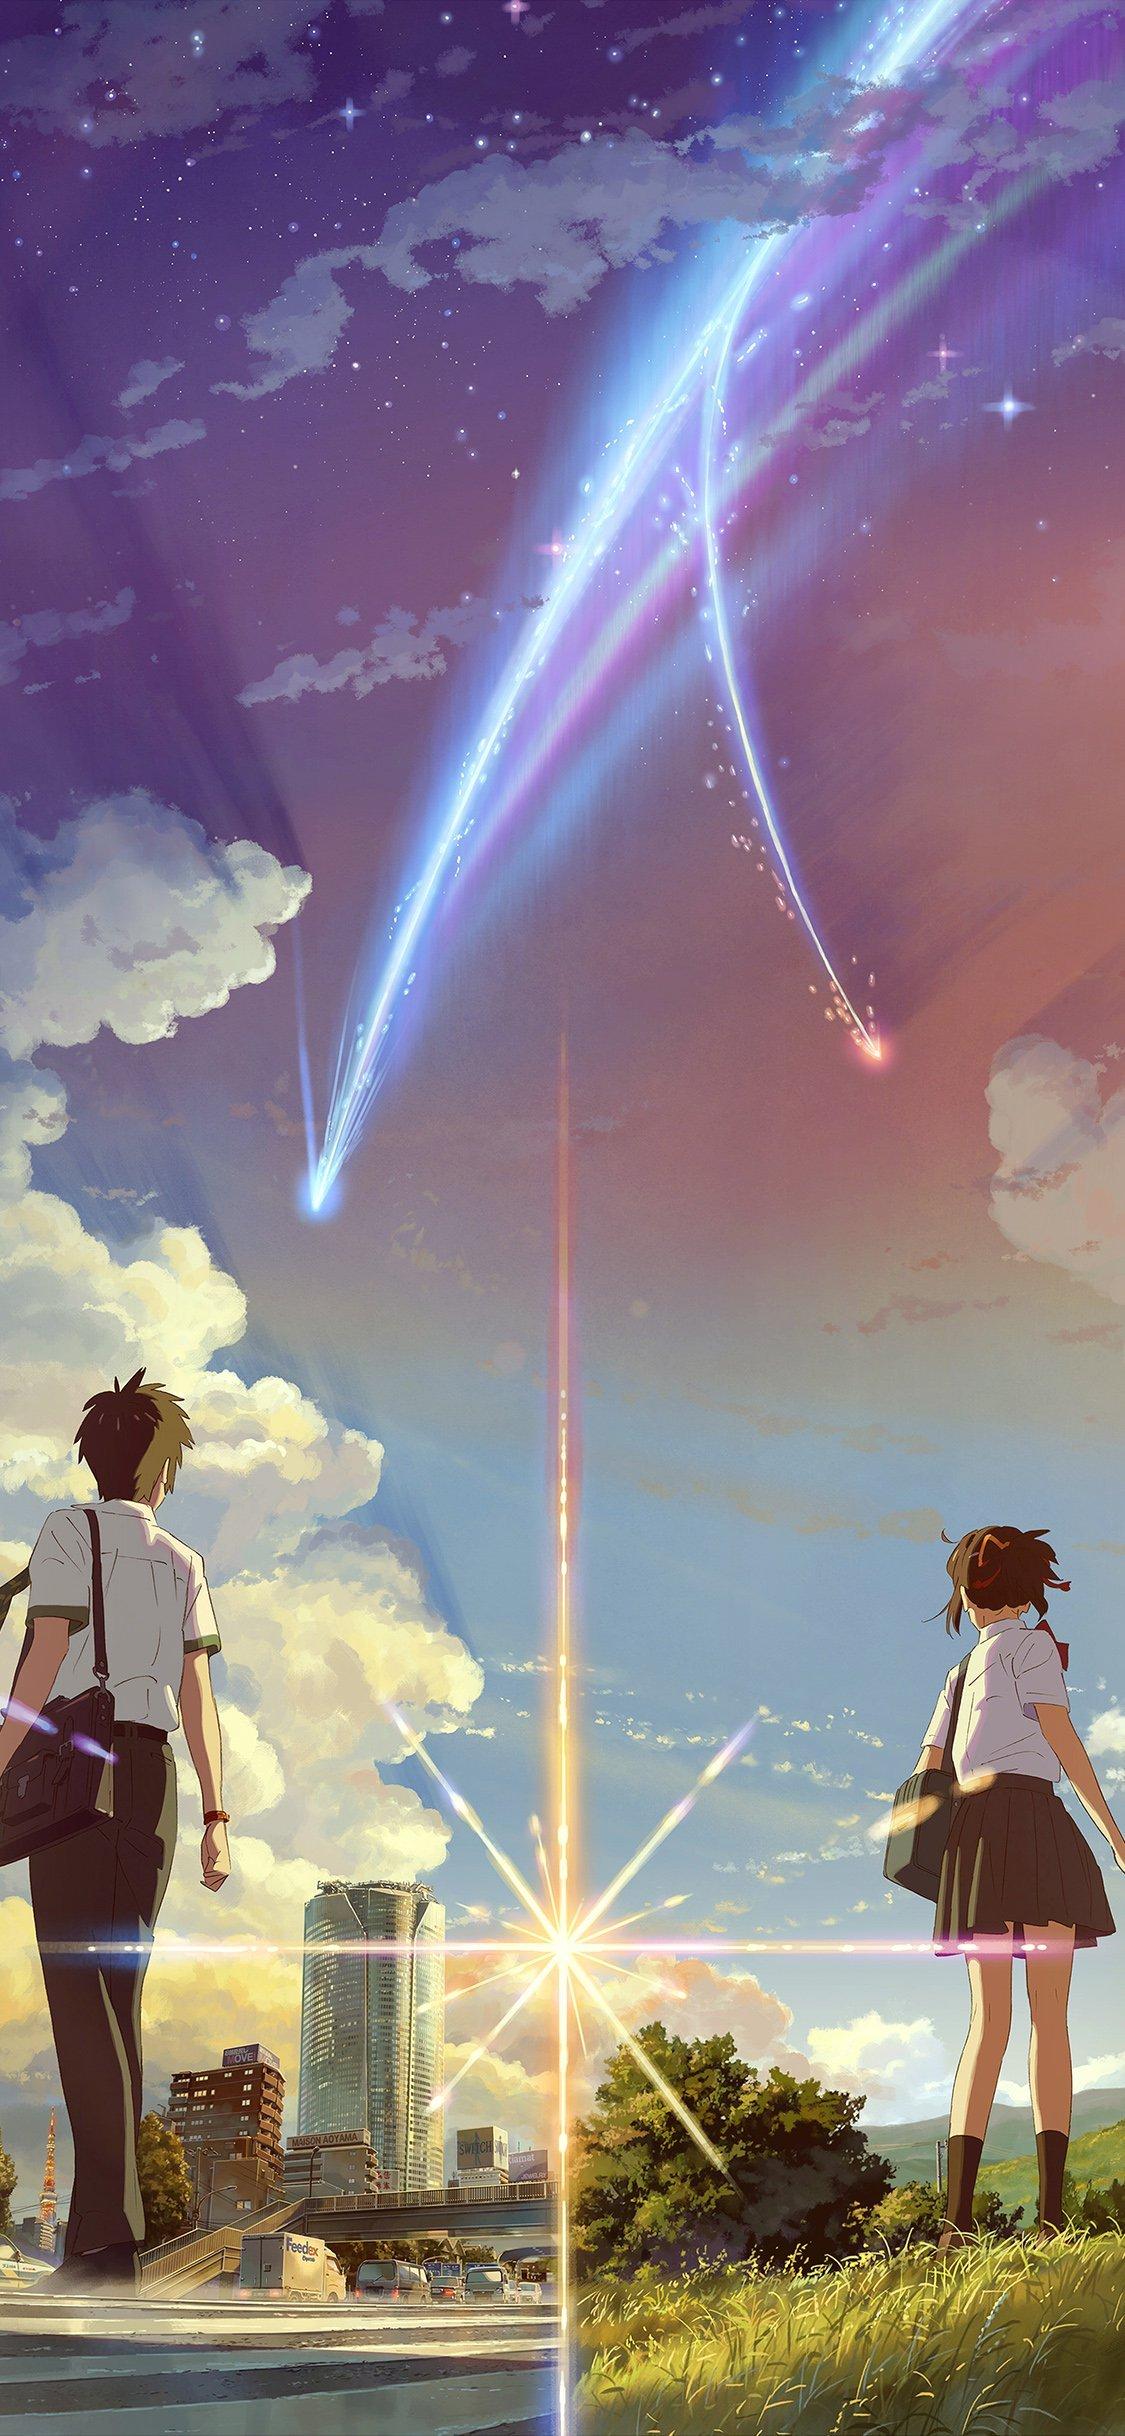 Ar29 Boy And Girl Anime Art Spring Cute Flare Wallpaper - Iphone X Wallpaper Anime , HD Wallpaper & Backgrounds